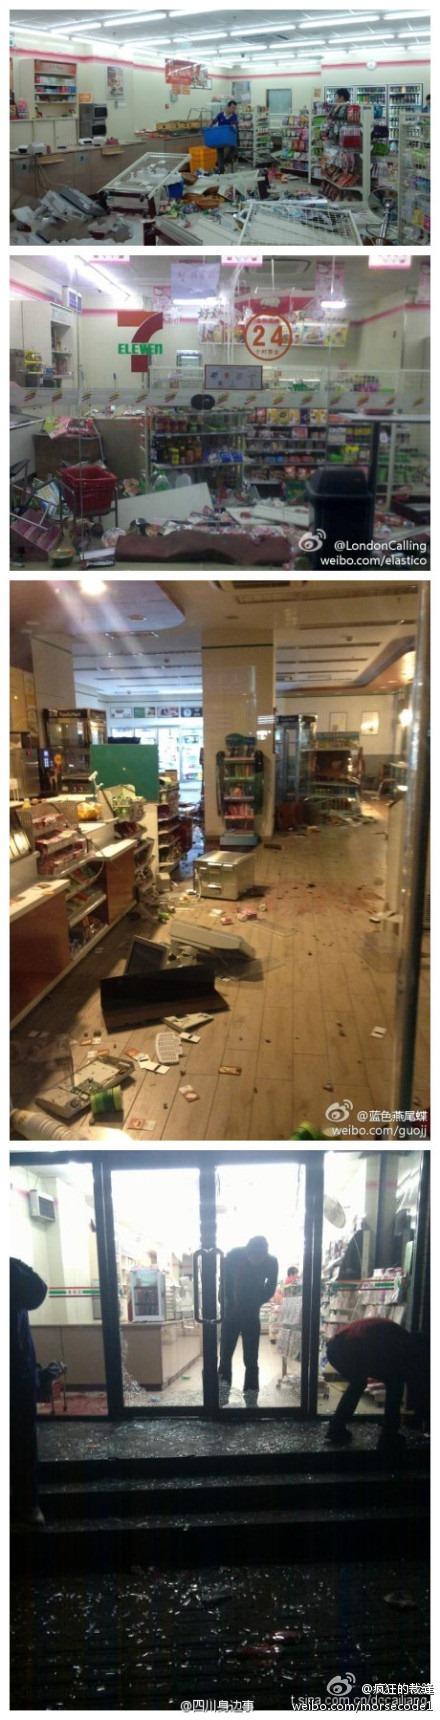 Destrozos en la ciudad de Chengdu en una de las tiendas de Seven Eleven, la empresa japonesa de tiendas 24 horas.